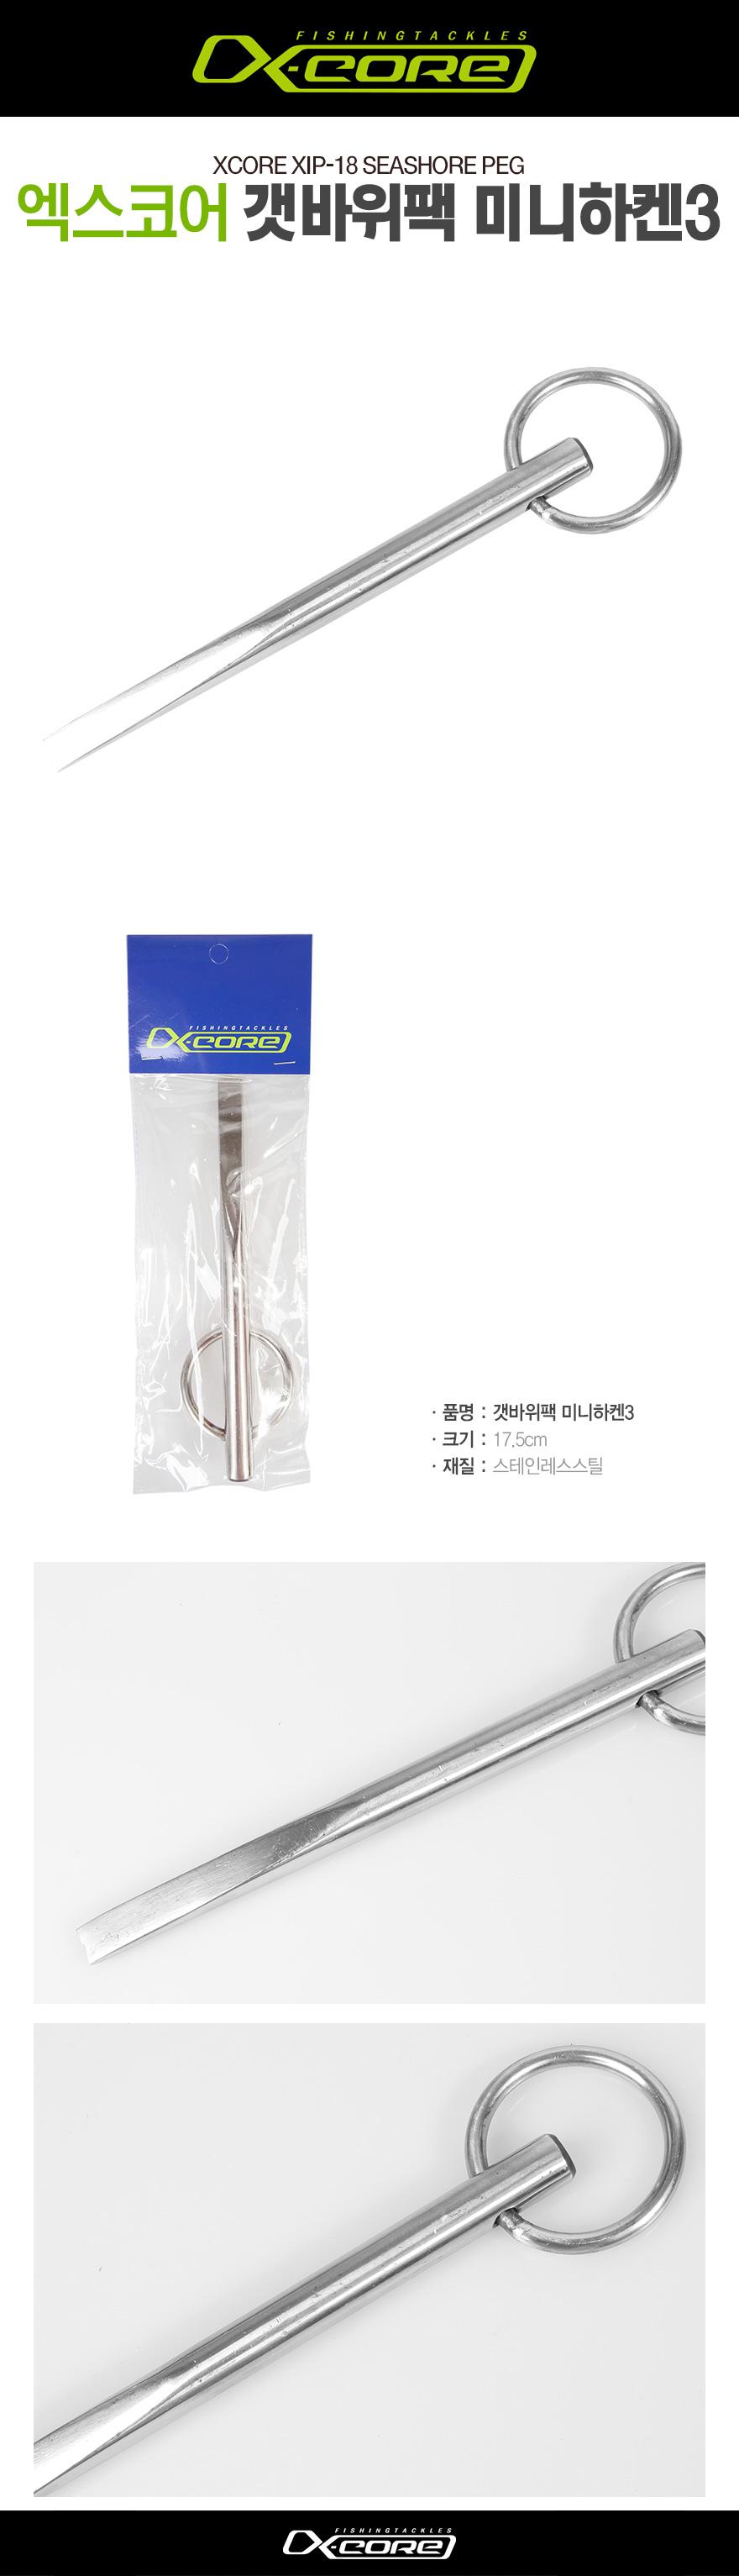 엑스코어 갯바위팩 미니하캔 XIP-16,17,18 갯바위팩 갯바위낚시 갯바위 팩